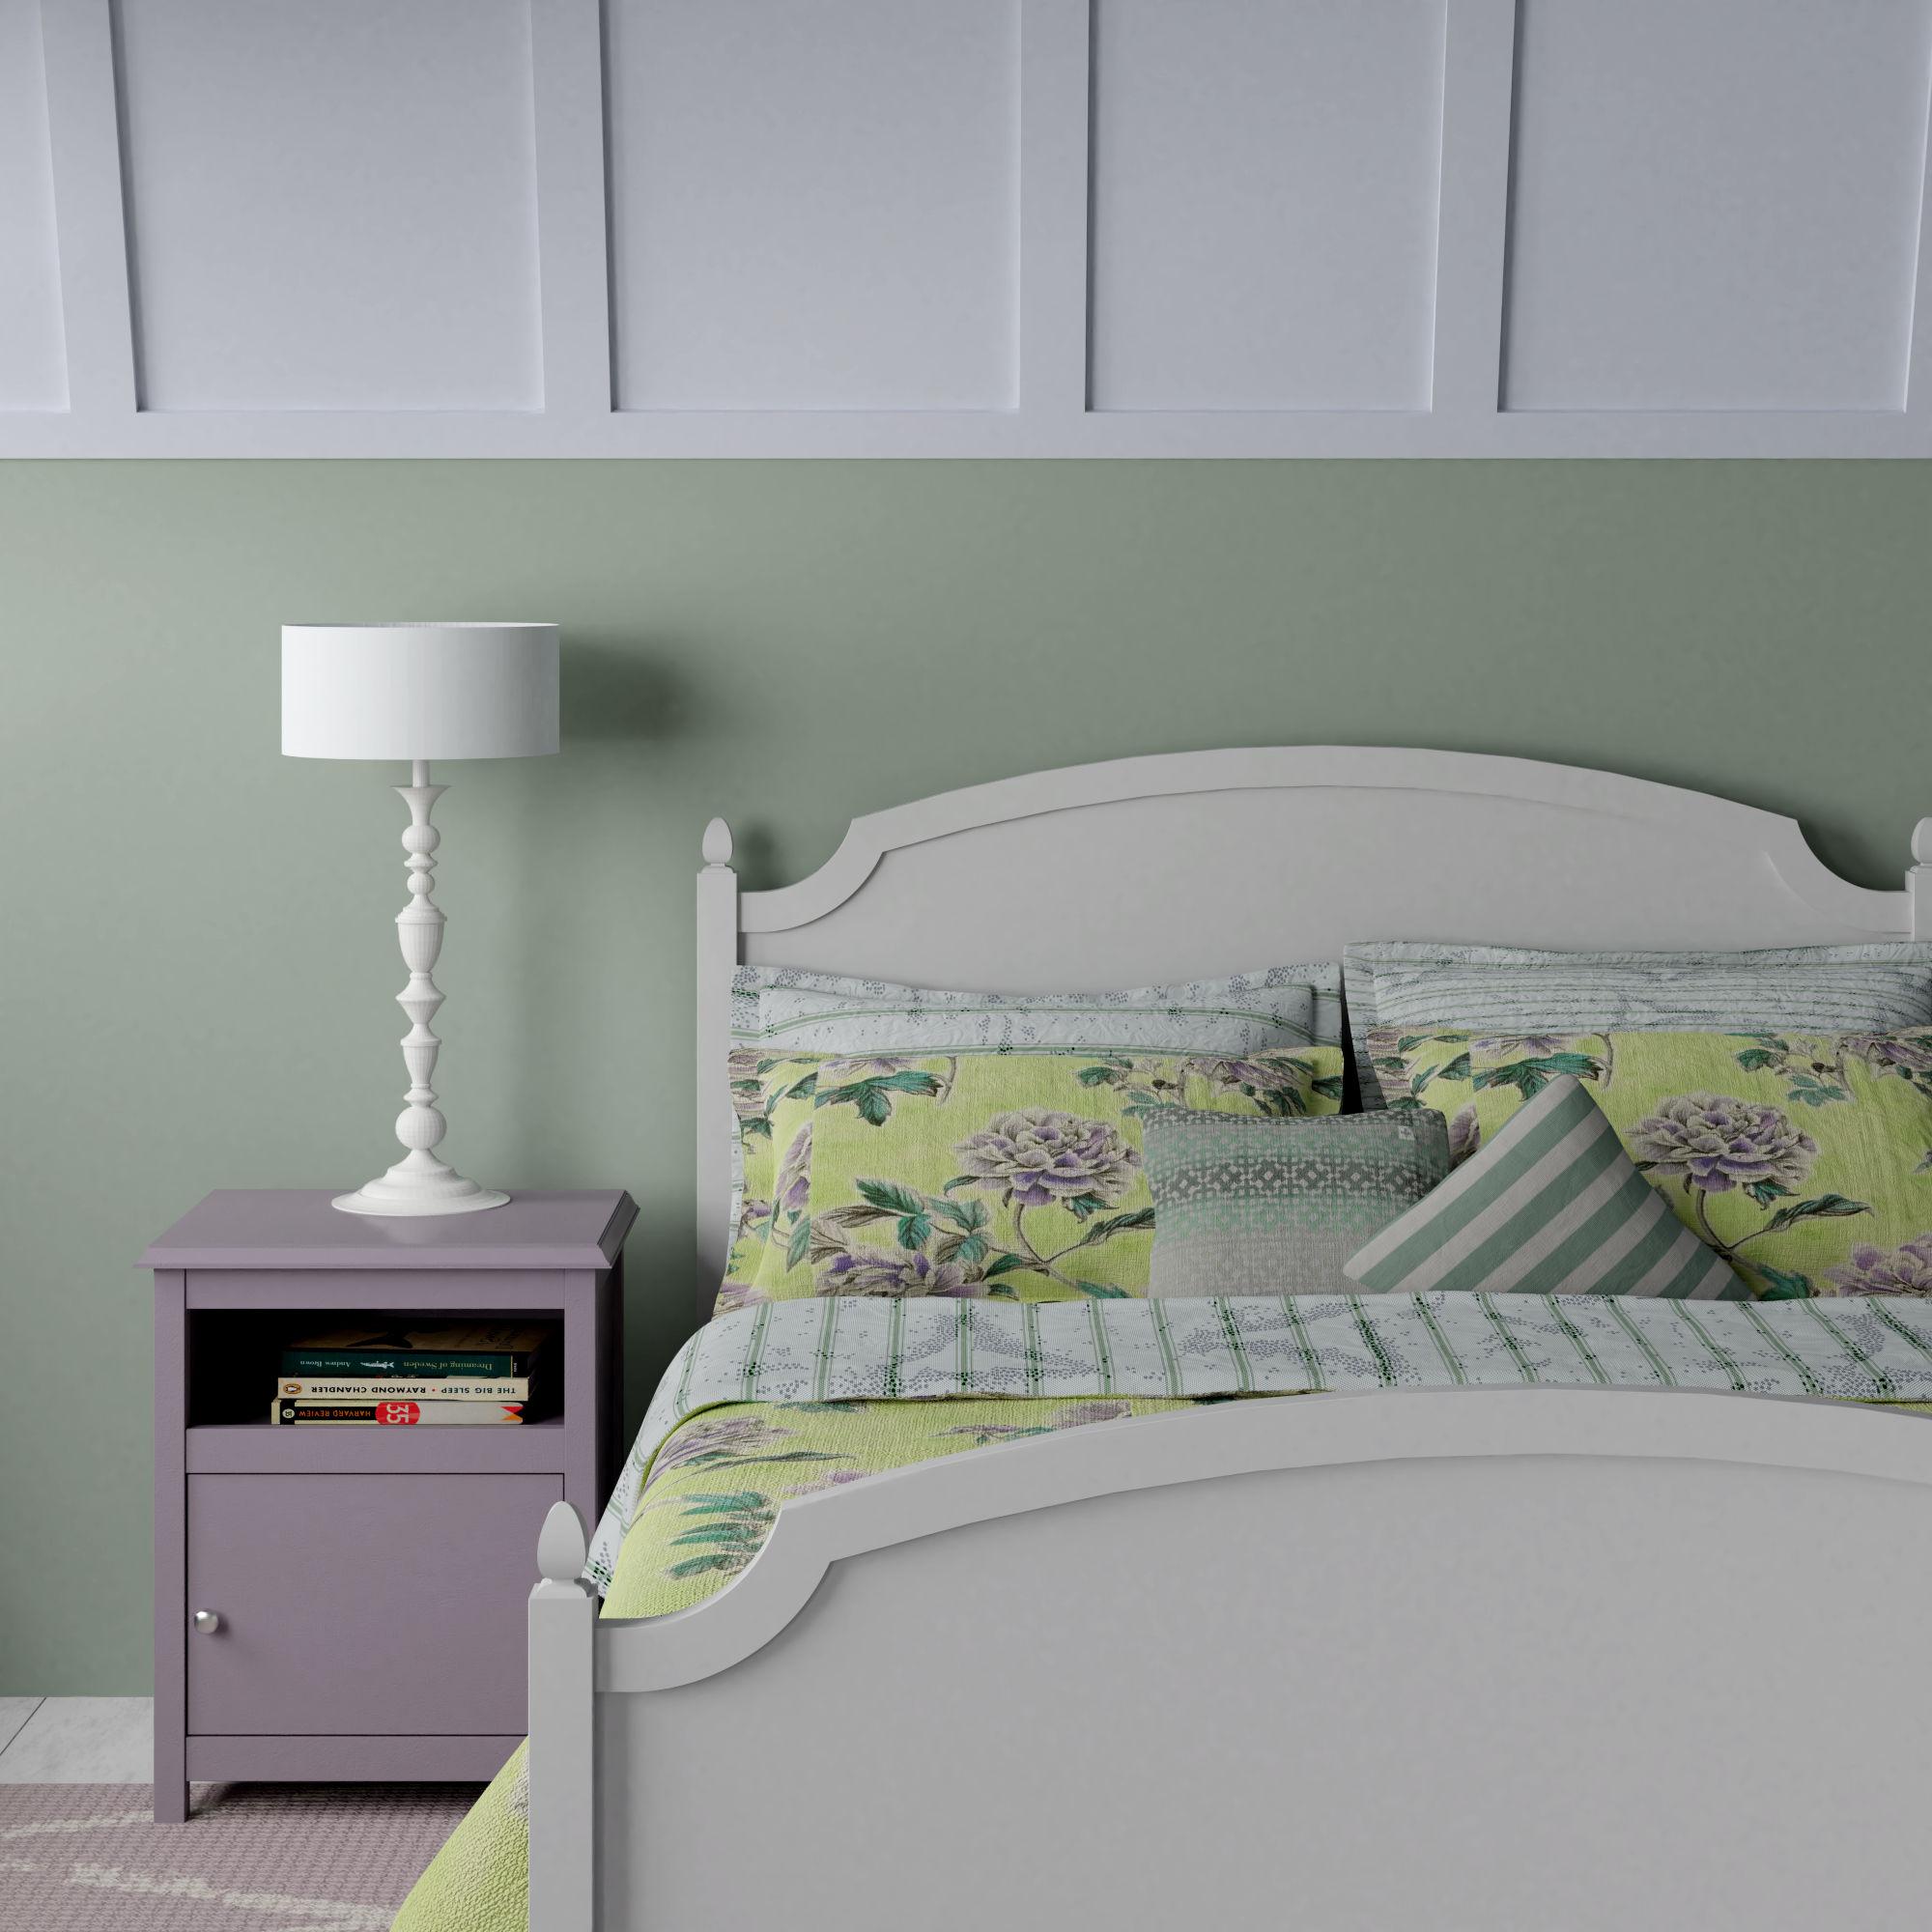 Kipling painted wood bed inspired by grandmillenial design